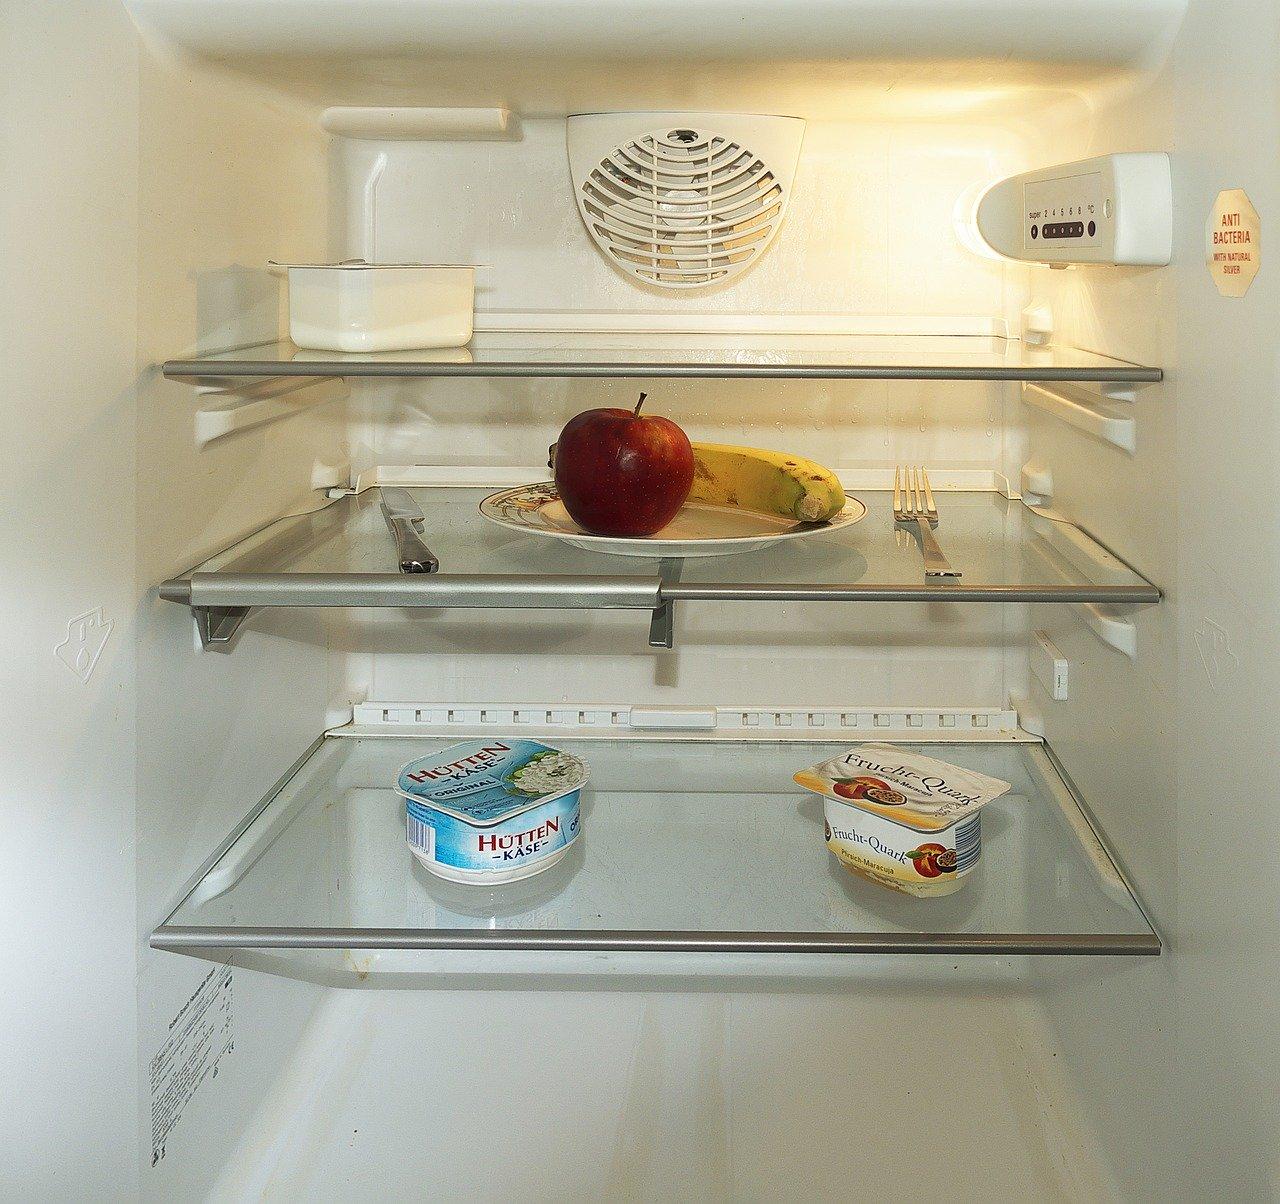 Achte bei der Auswahl eines Absorber Kühlschrankes nicht nur auf die Liter-Angabe, sondern auch auf die Tiefe. Schließlich sollen auch mal Töpfe dort hinein passen.